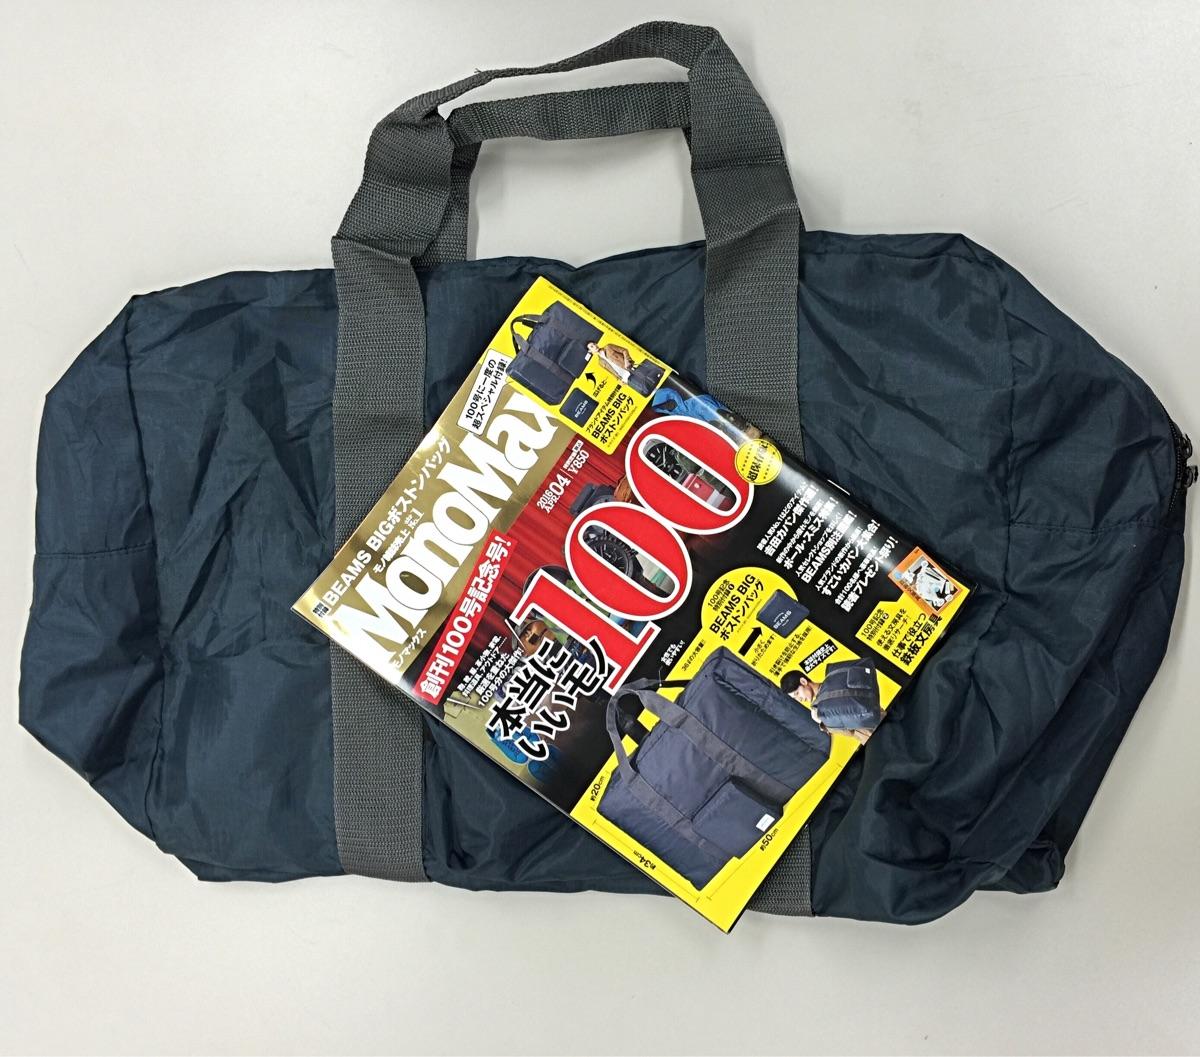 Monomaxの100号記念付録Beamsコラボボストンバッグ